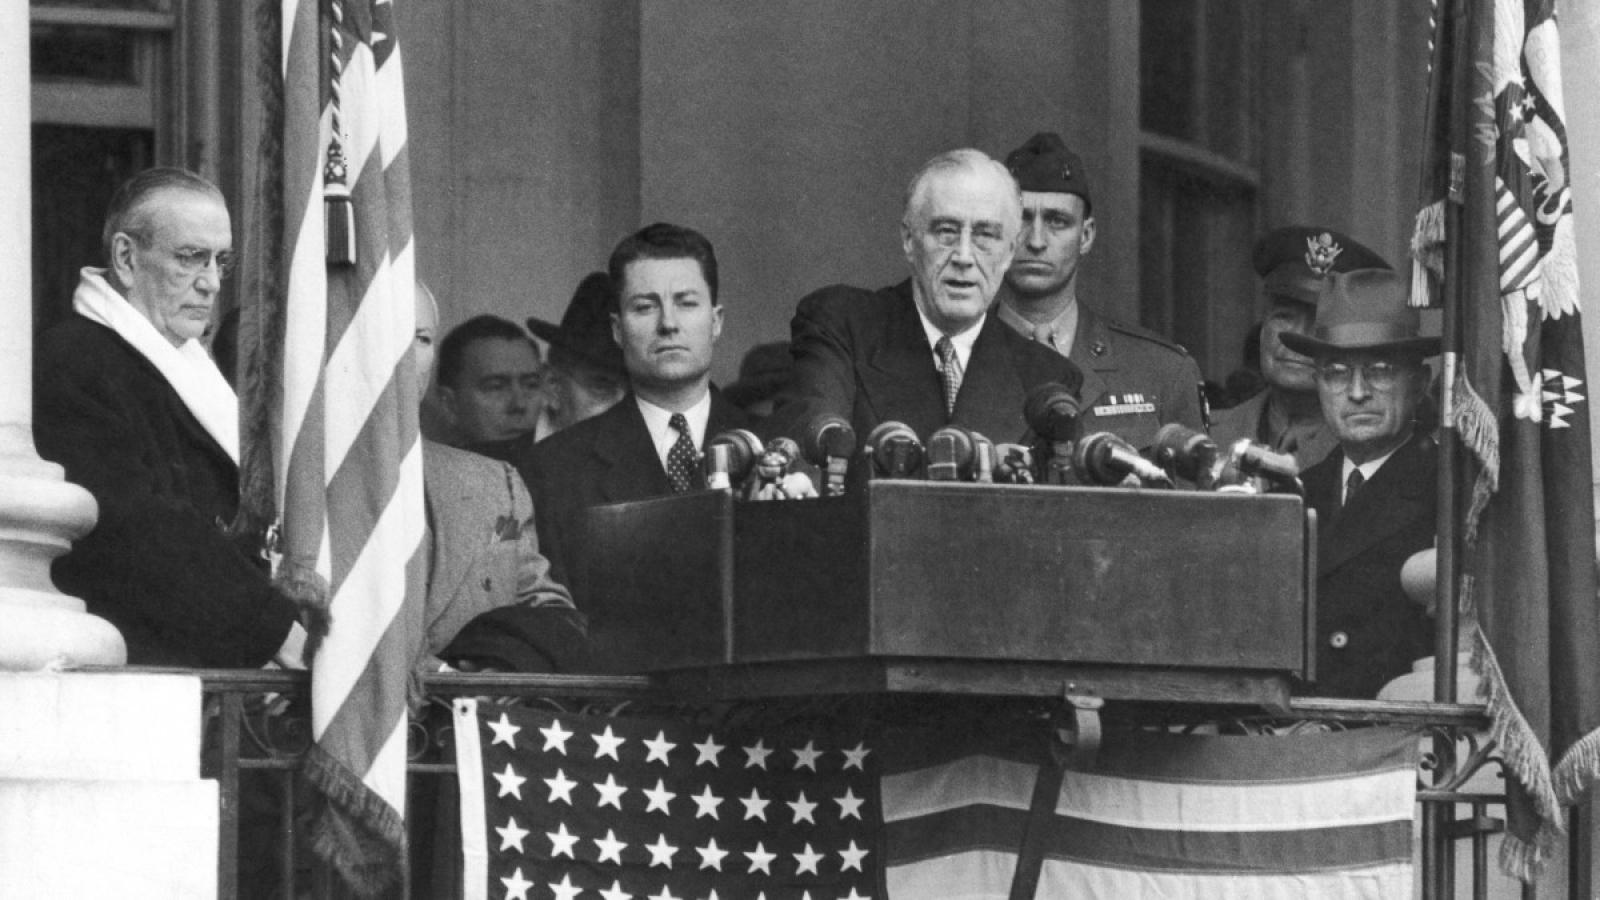 Lễ nhậm chức ngắn gọn chỉ trong 15 phút của Tổng thống Franklin Roosevelt